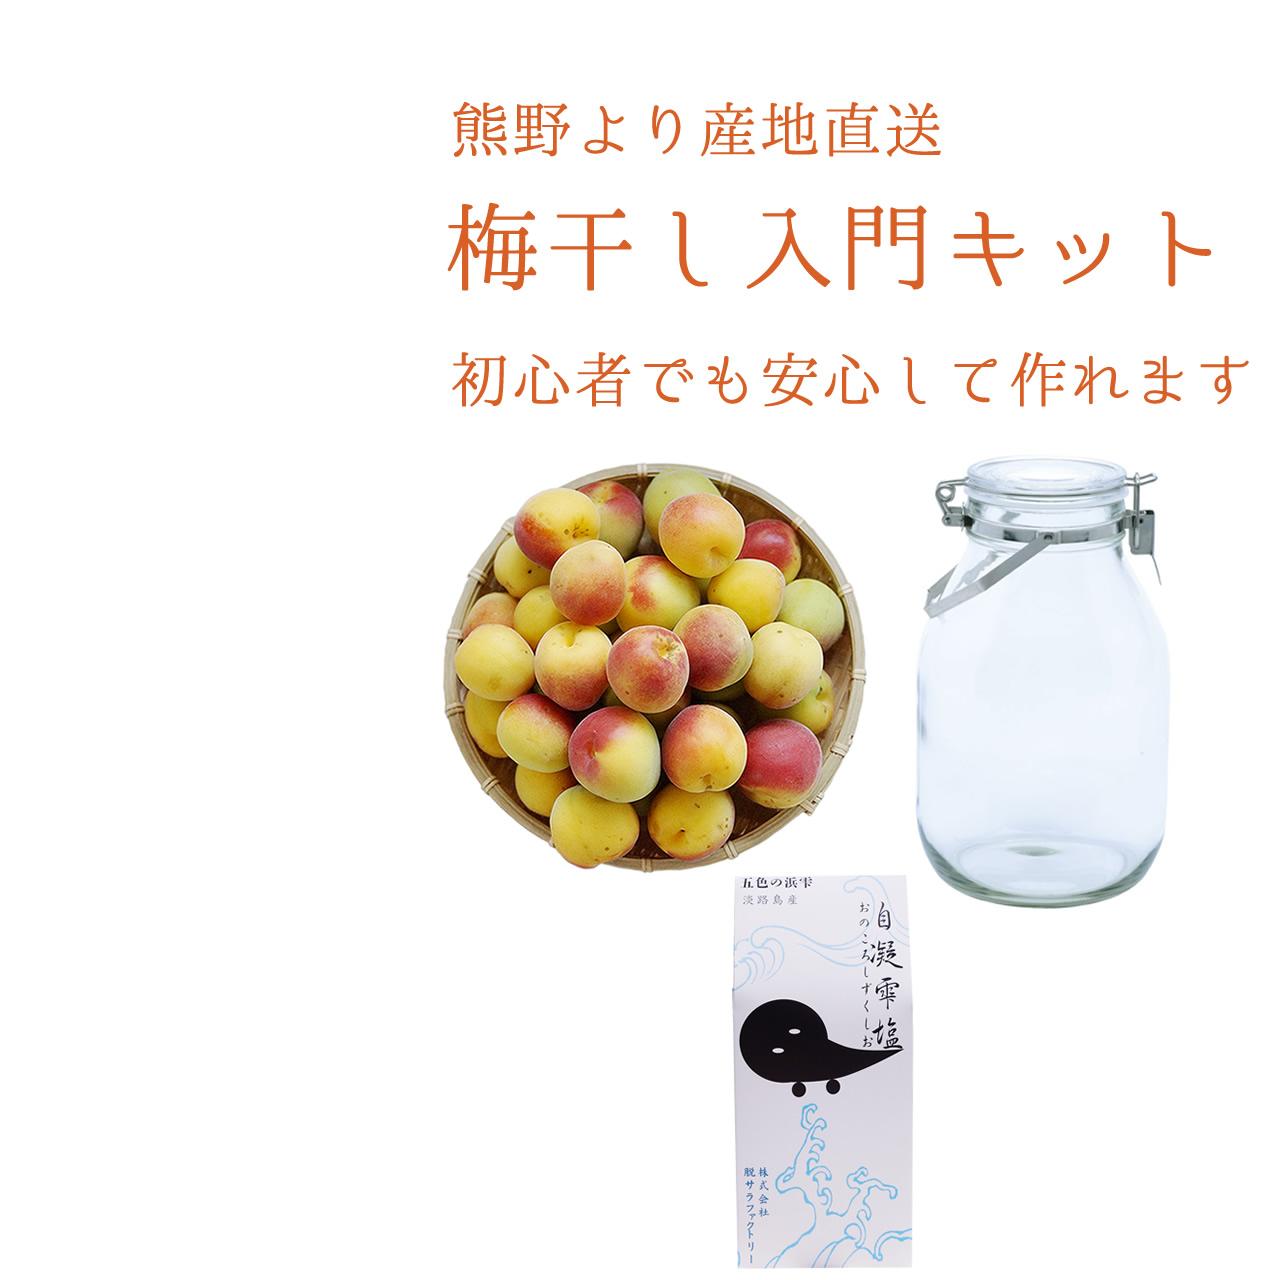 有機JAS認証の梅シロップ用の生梅